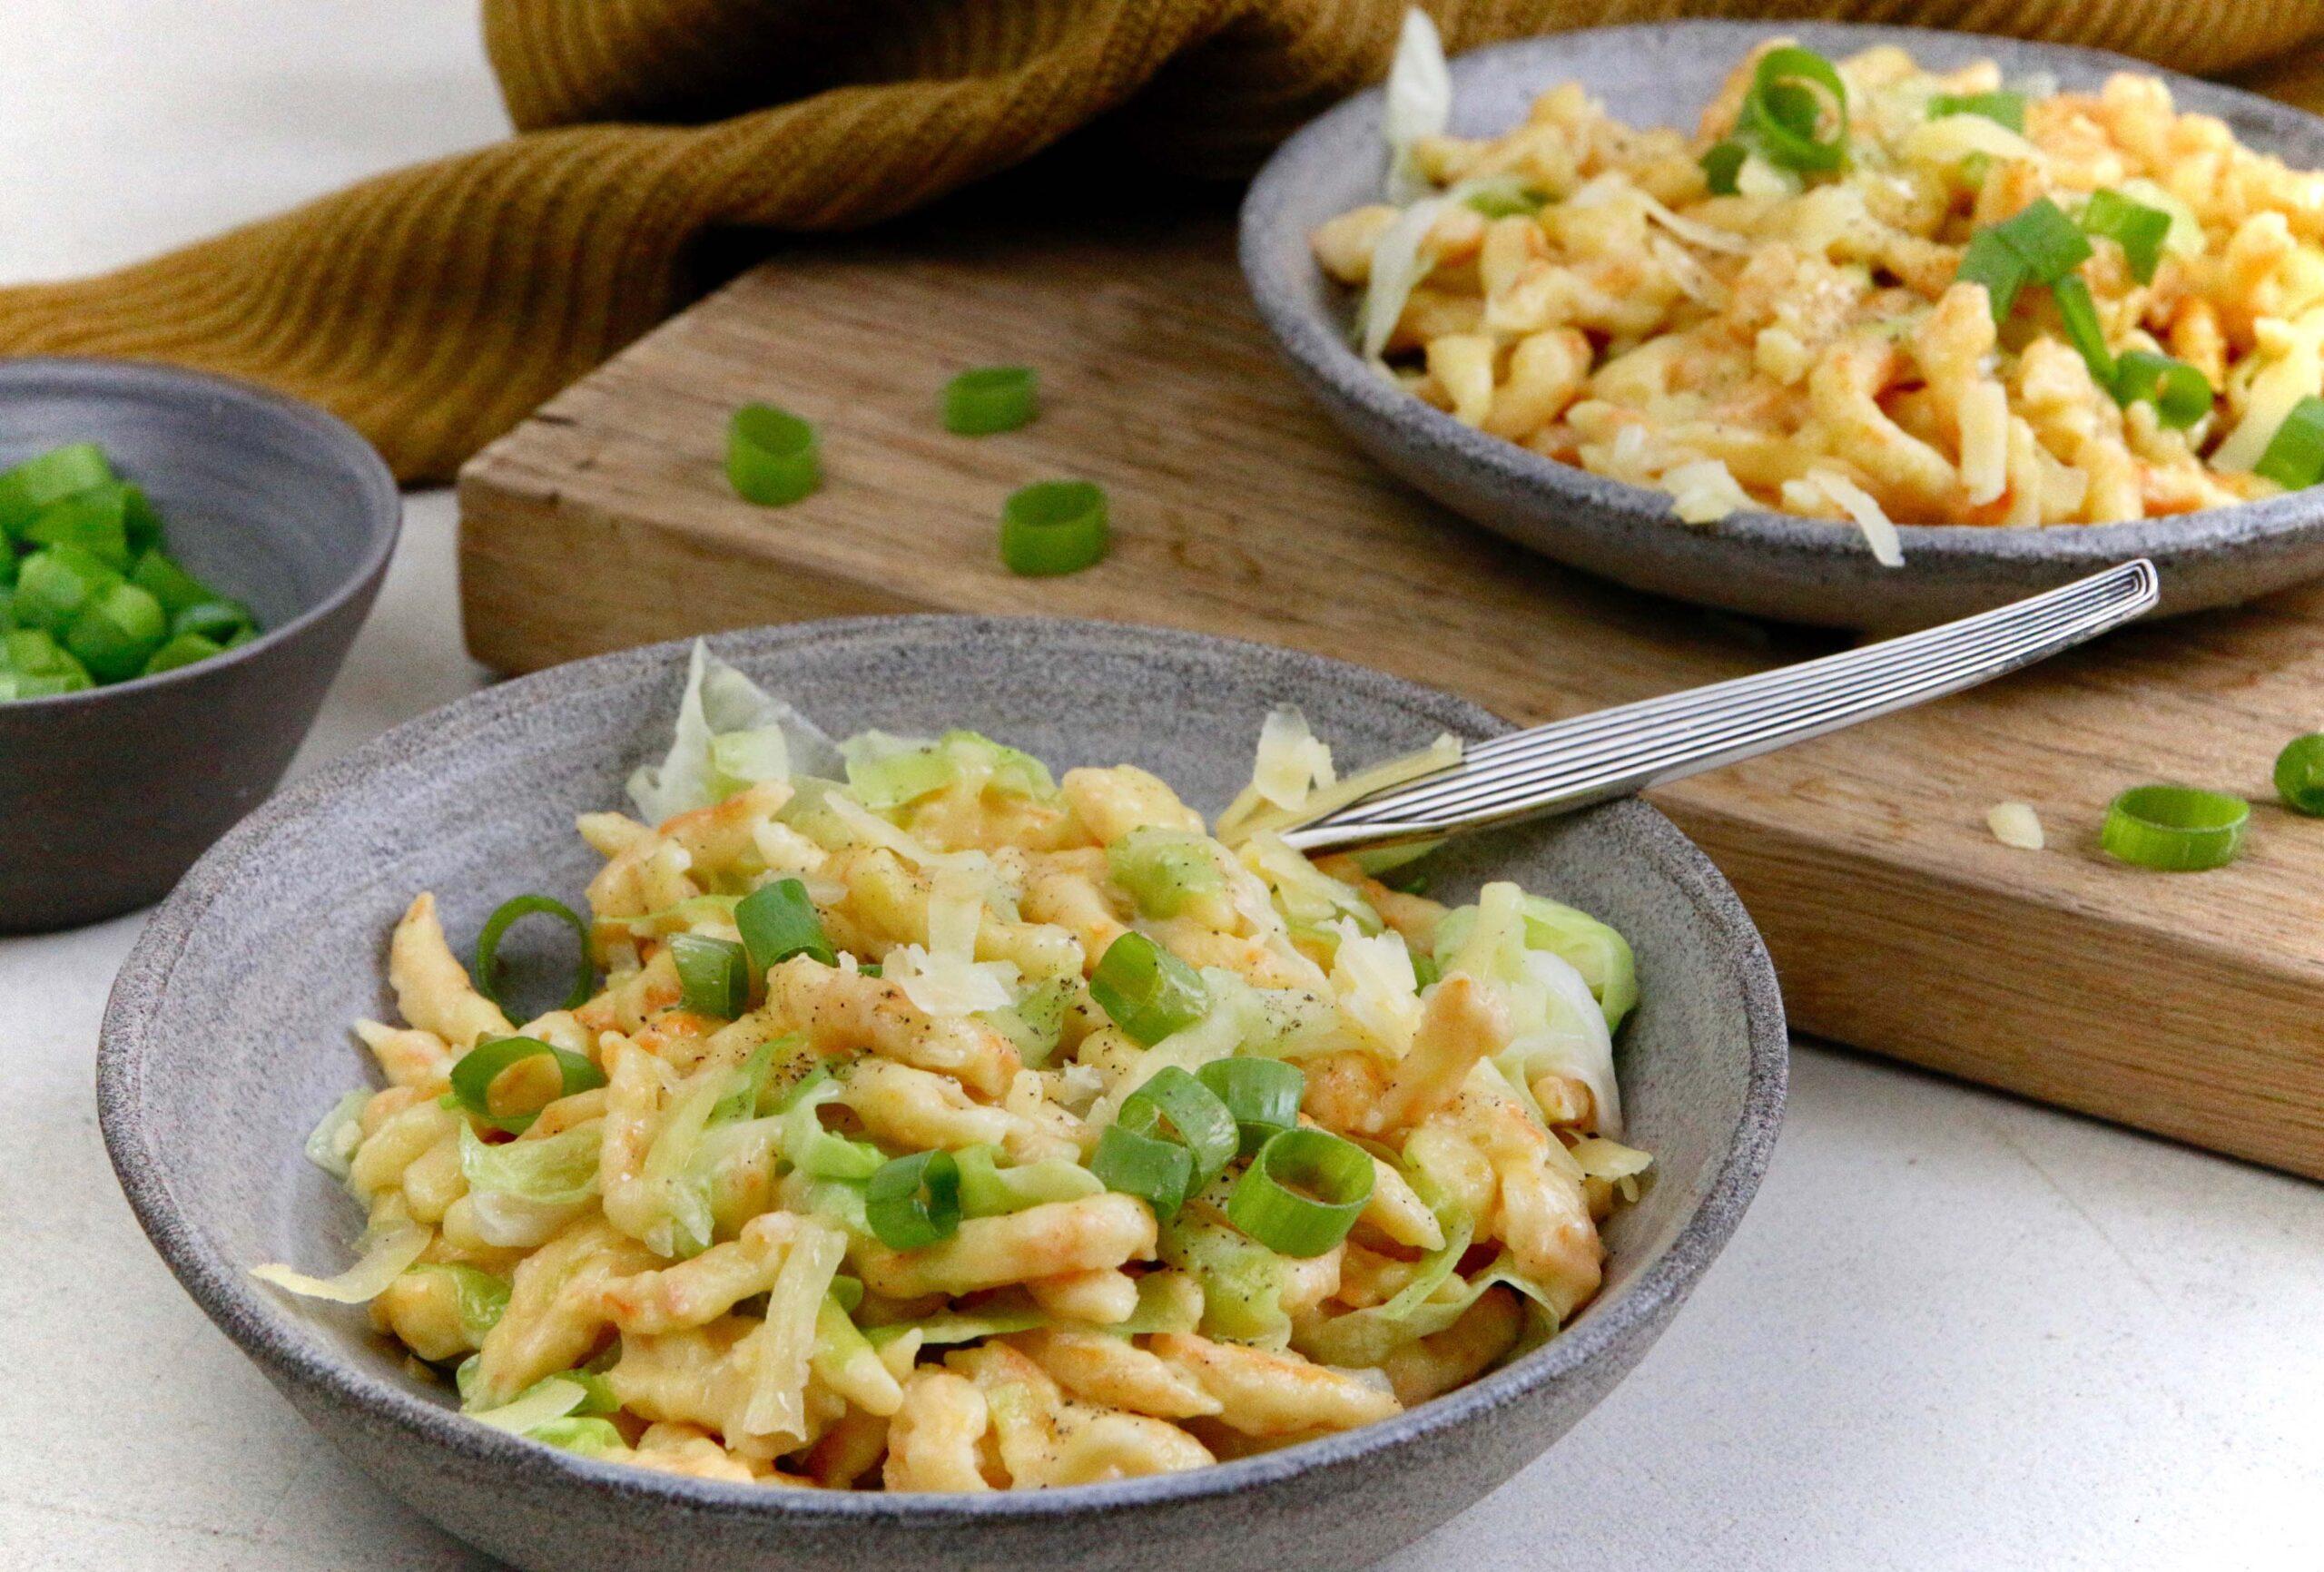 Kässpatzen mit Cheddar und Spitzkohl regional und lecker aus bio Gemüse Gärtnereien